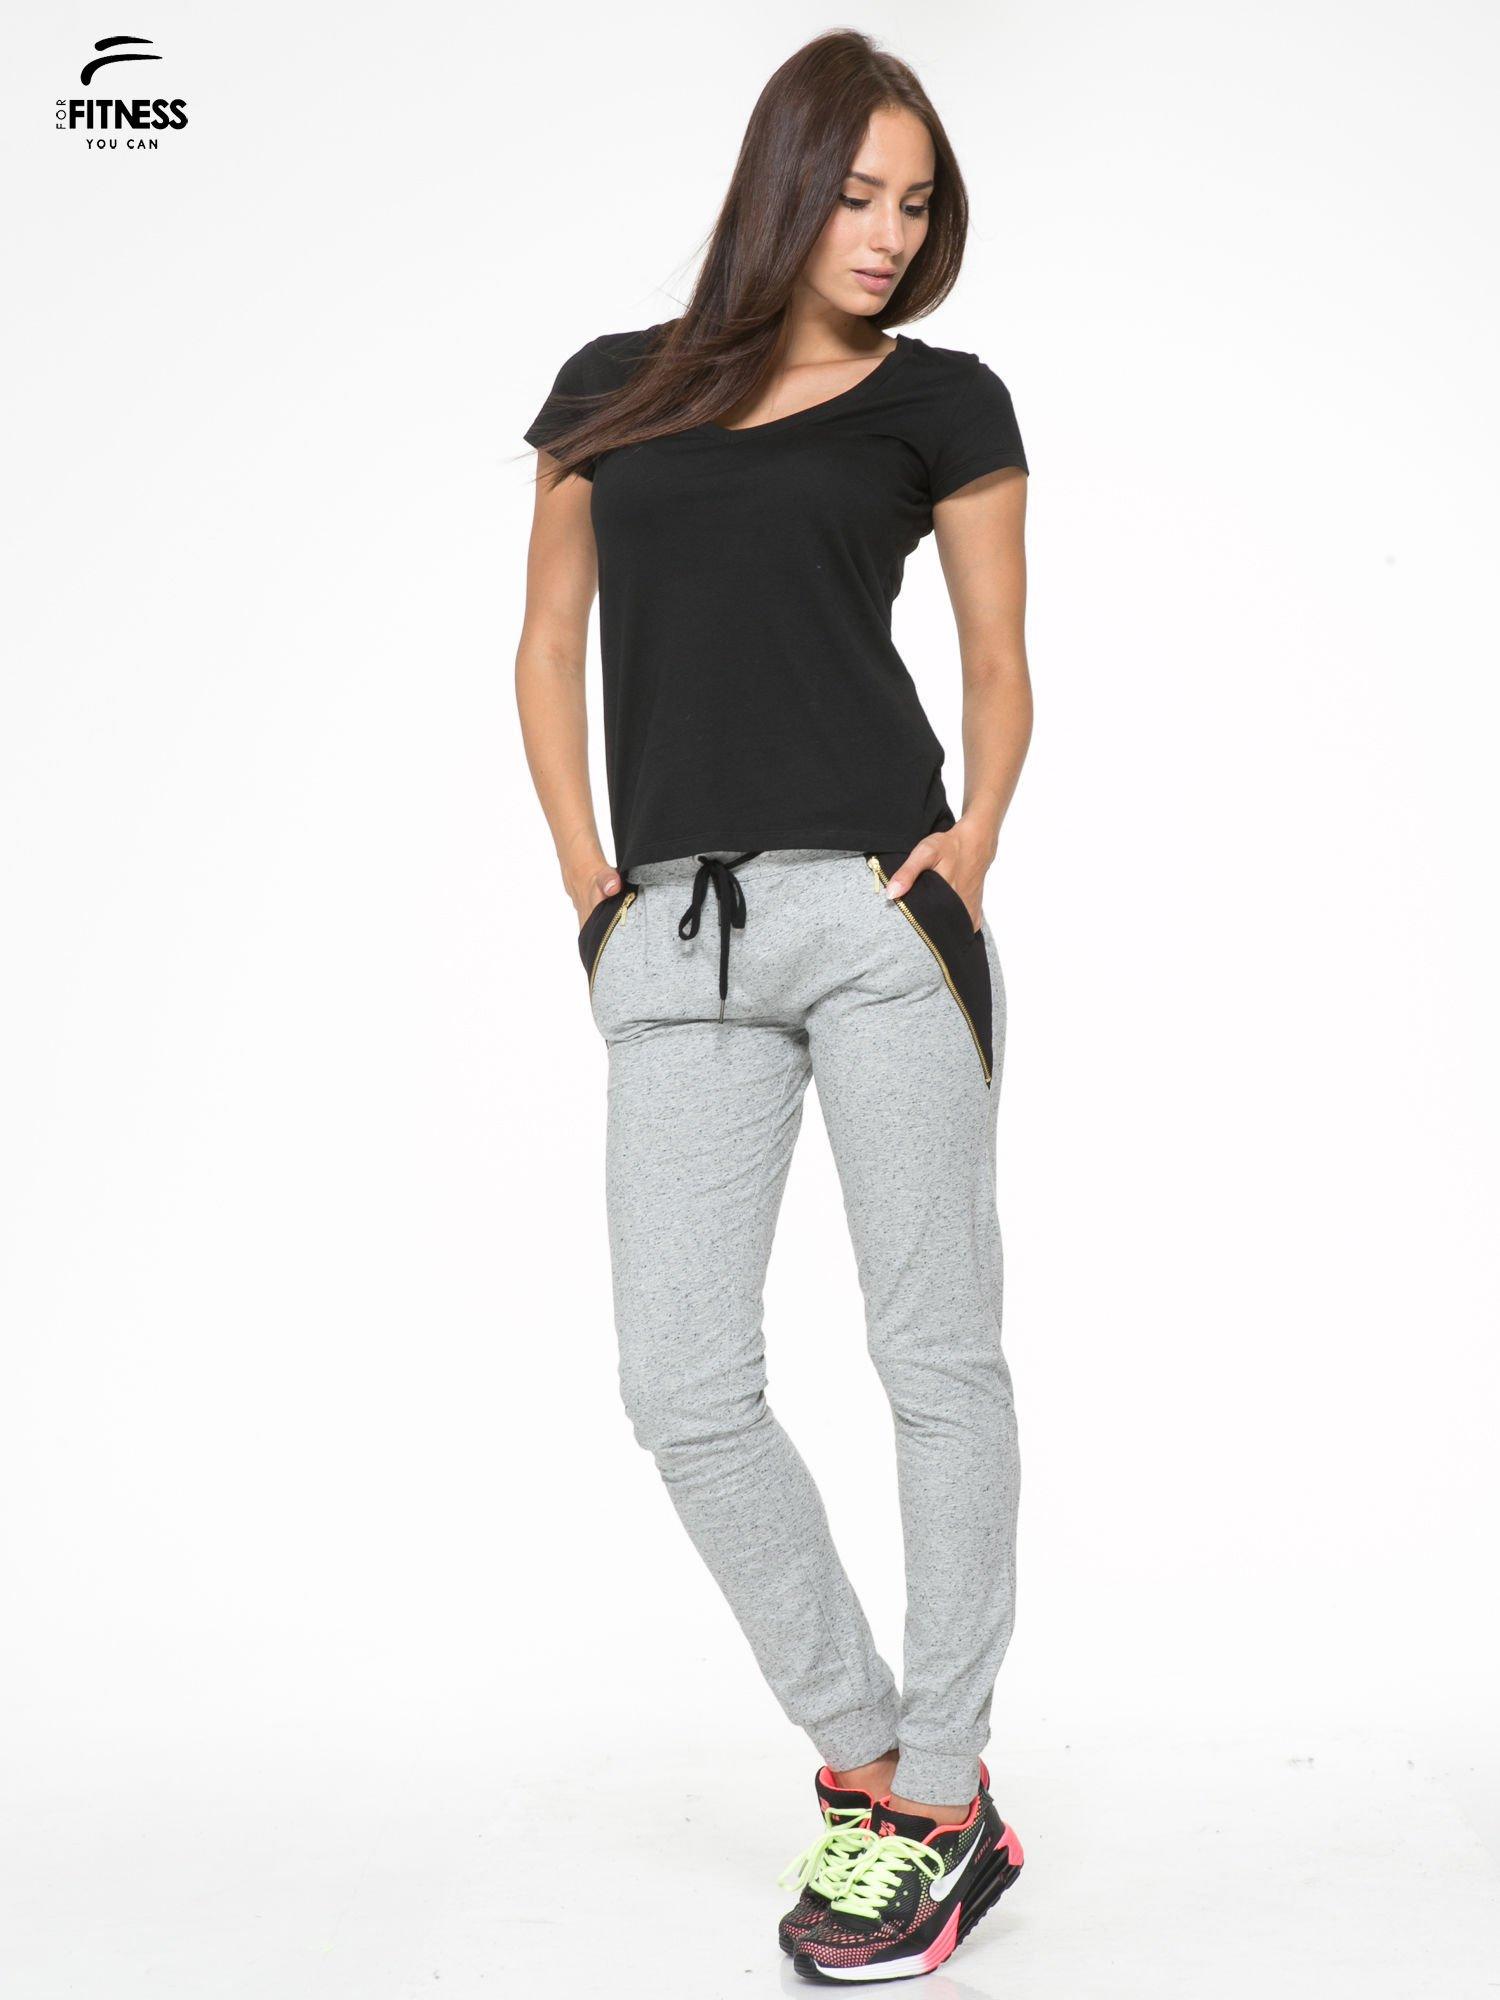 Szare spodnie dresowe damskie z suwakiem i kontrastowymi wstawkami po bokach                                  zdj.                                  2